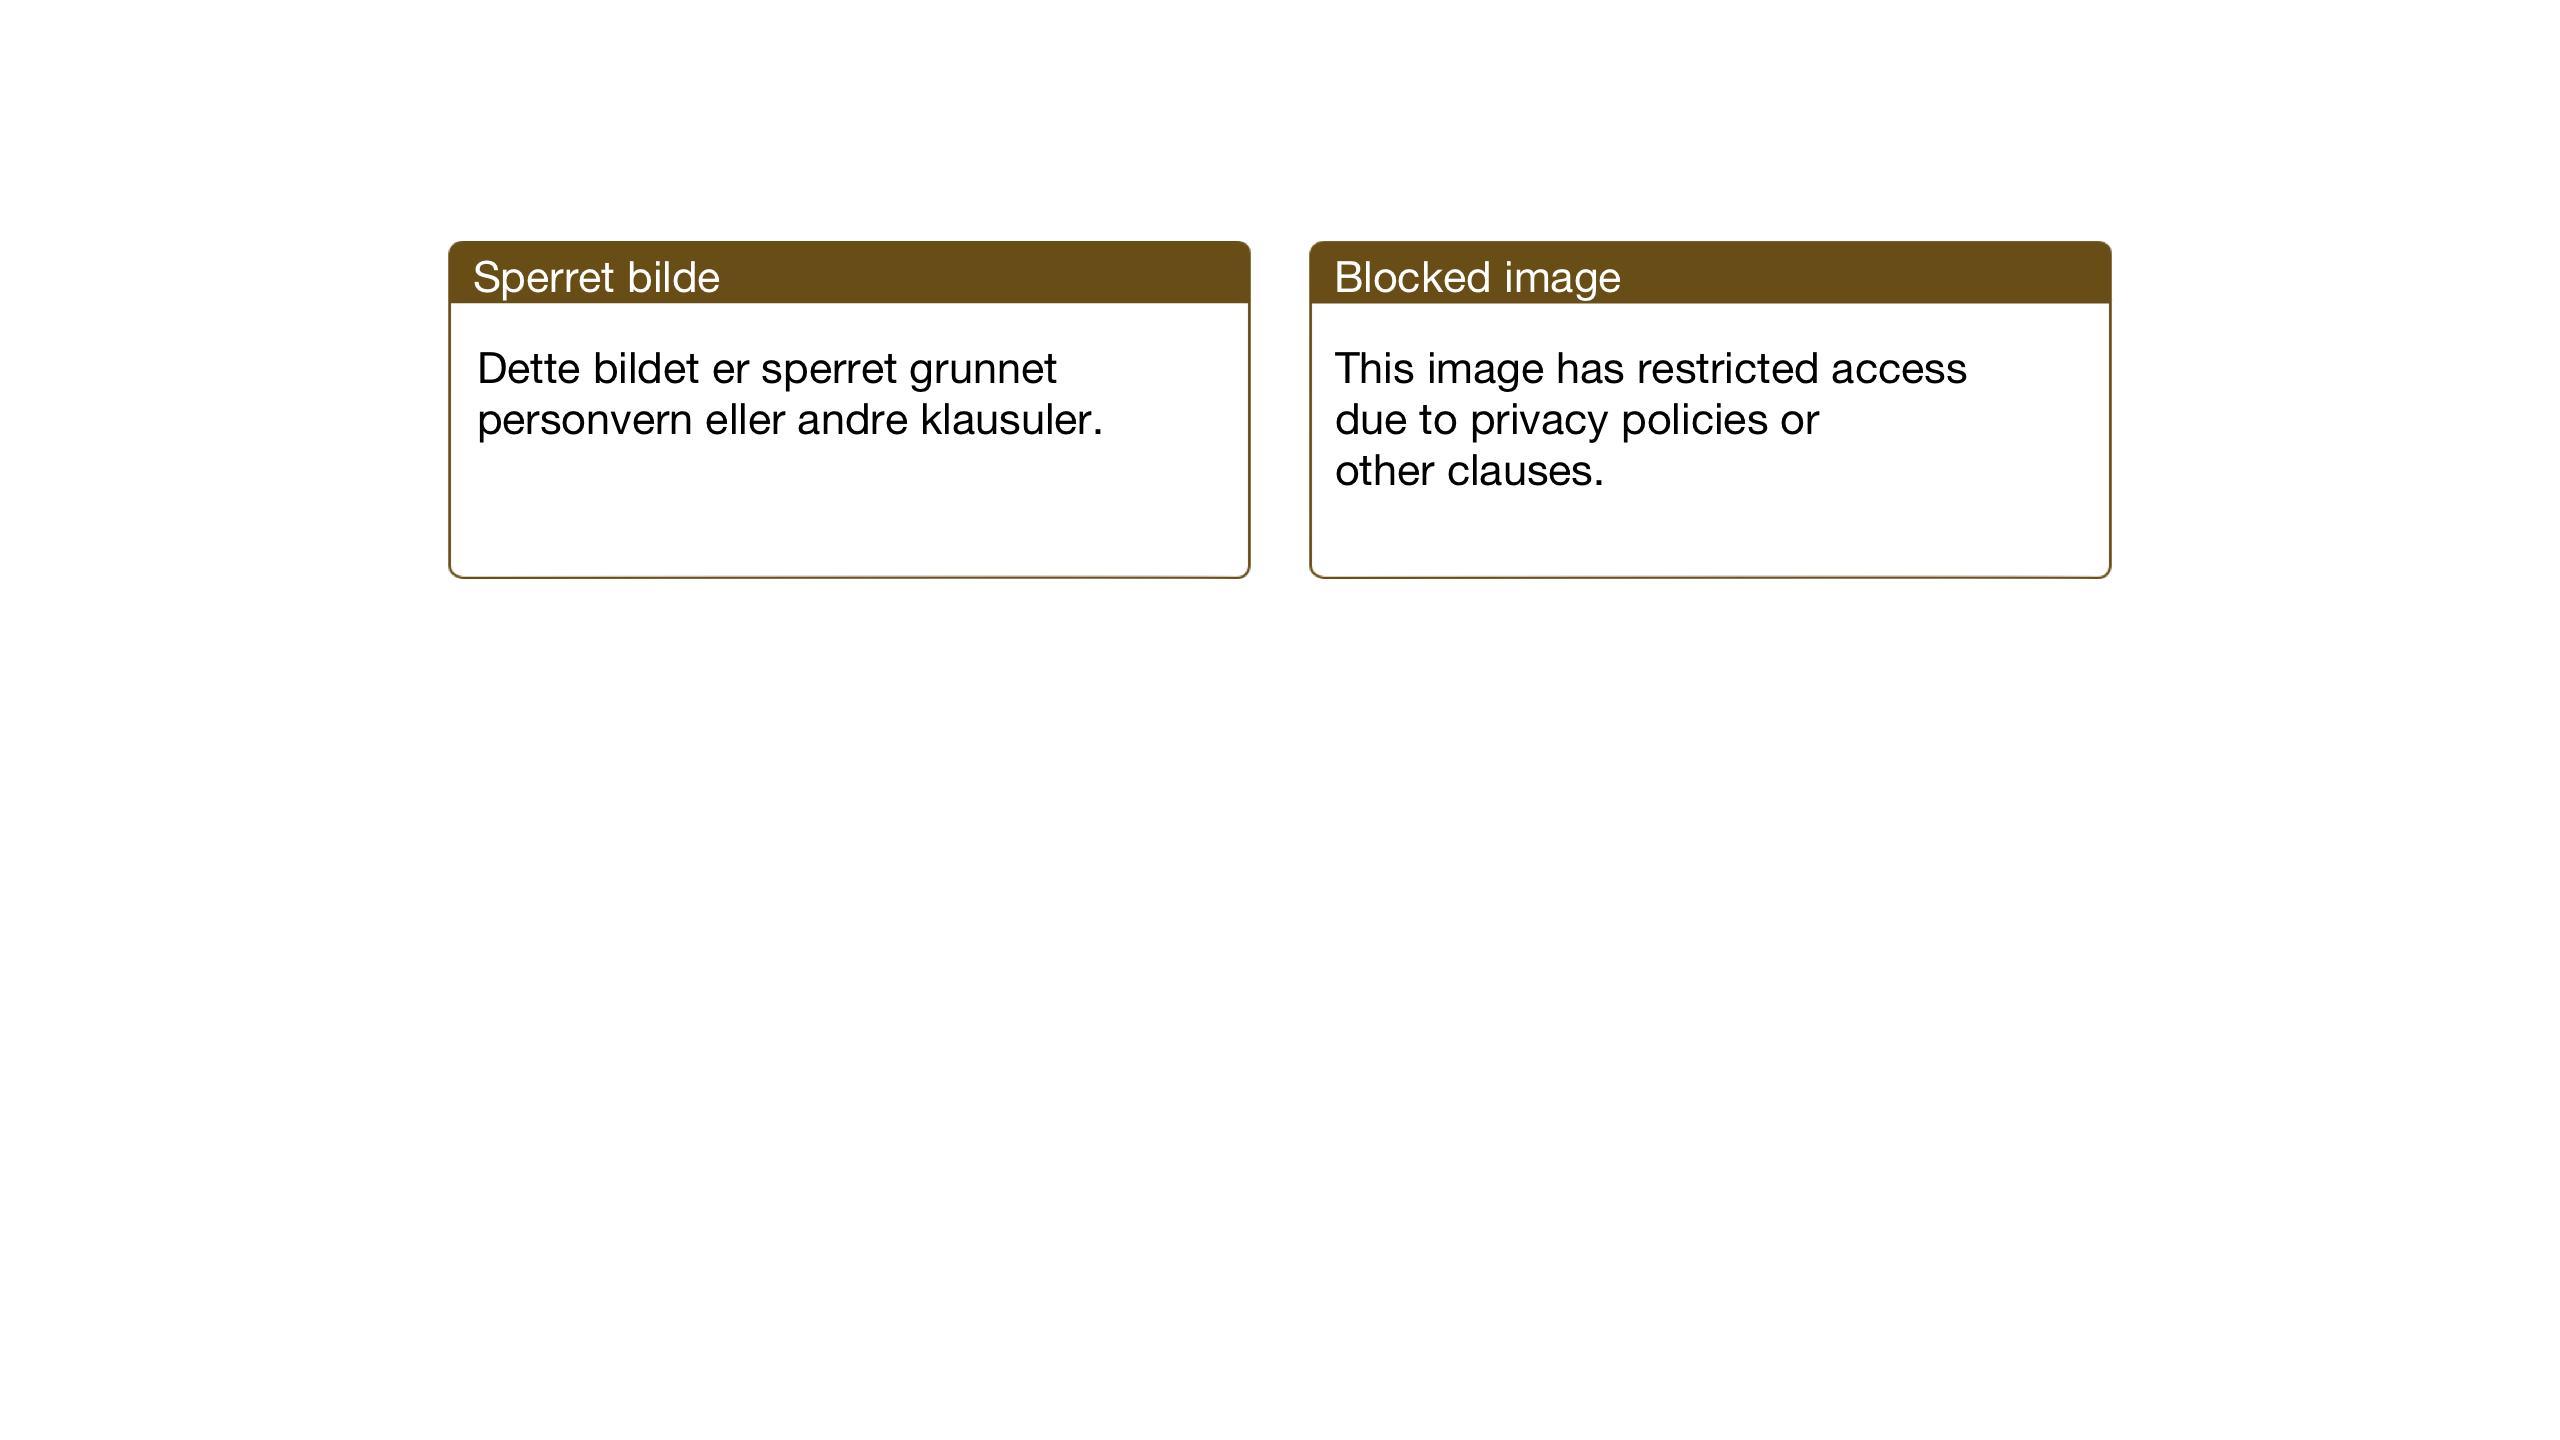 SAT, Ministerialprotokoller, klokkerbøker og fødselsregistre - Sør-Trøndelag, 633/L0521: Klokkerbok nr. 633C03, 1921-1941, s. 111